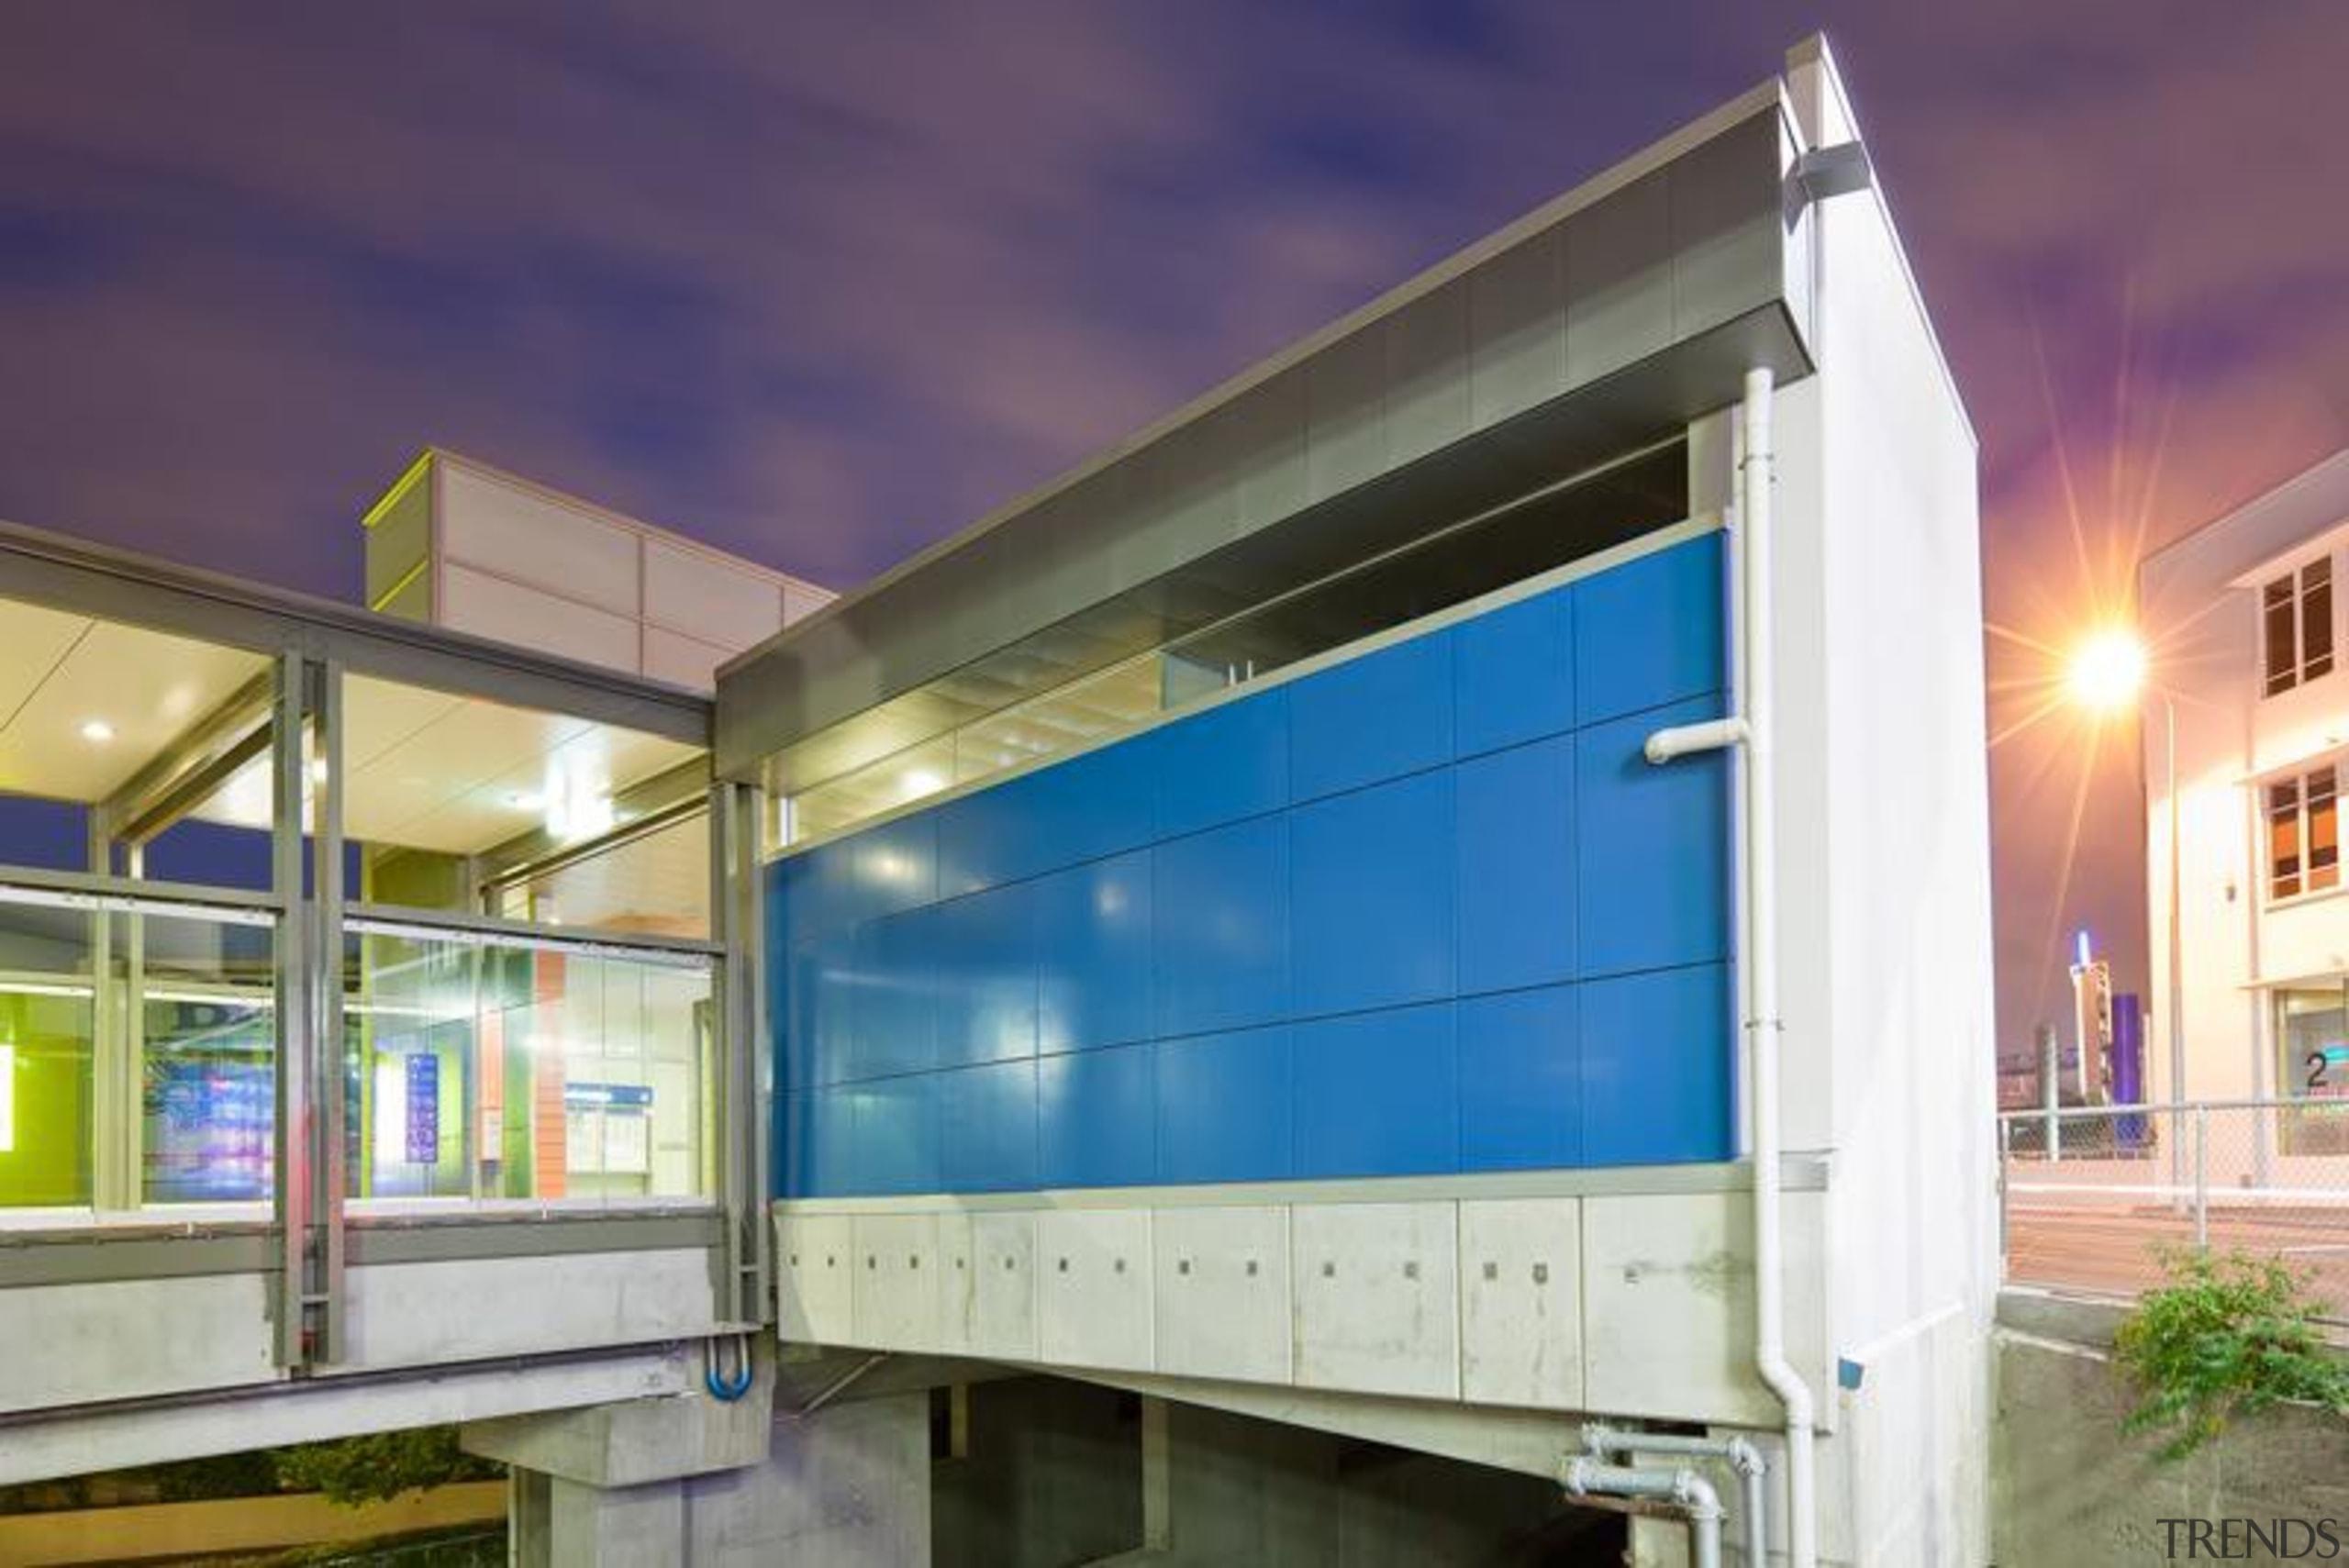 ExoTec Facade Panel - ExoTec Facade Panel - architecture, facade, home, house, real estate